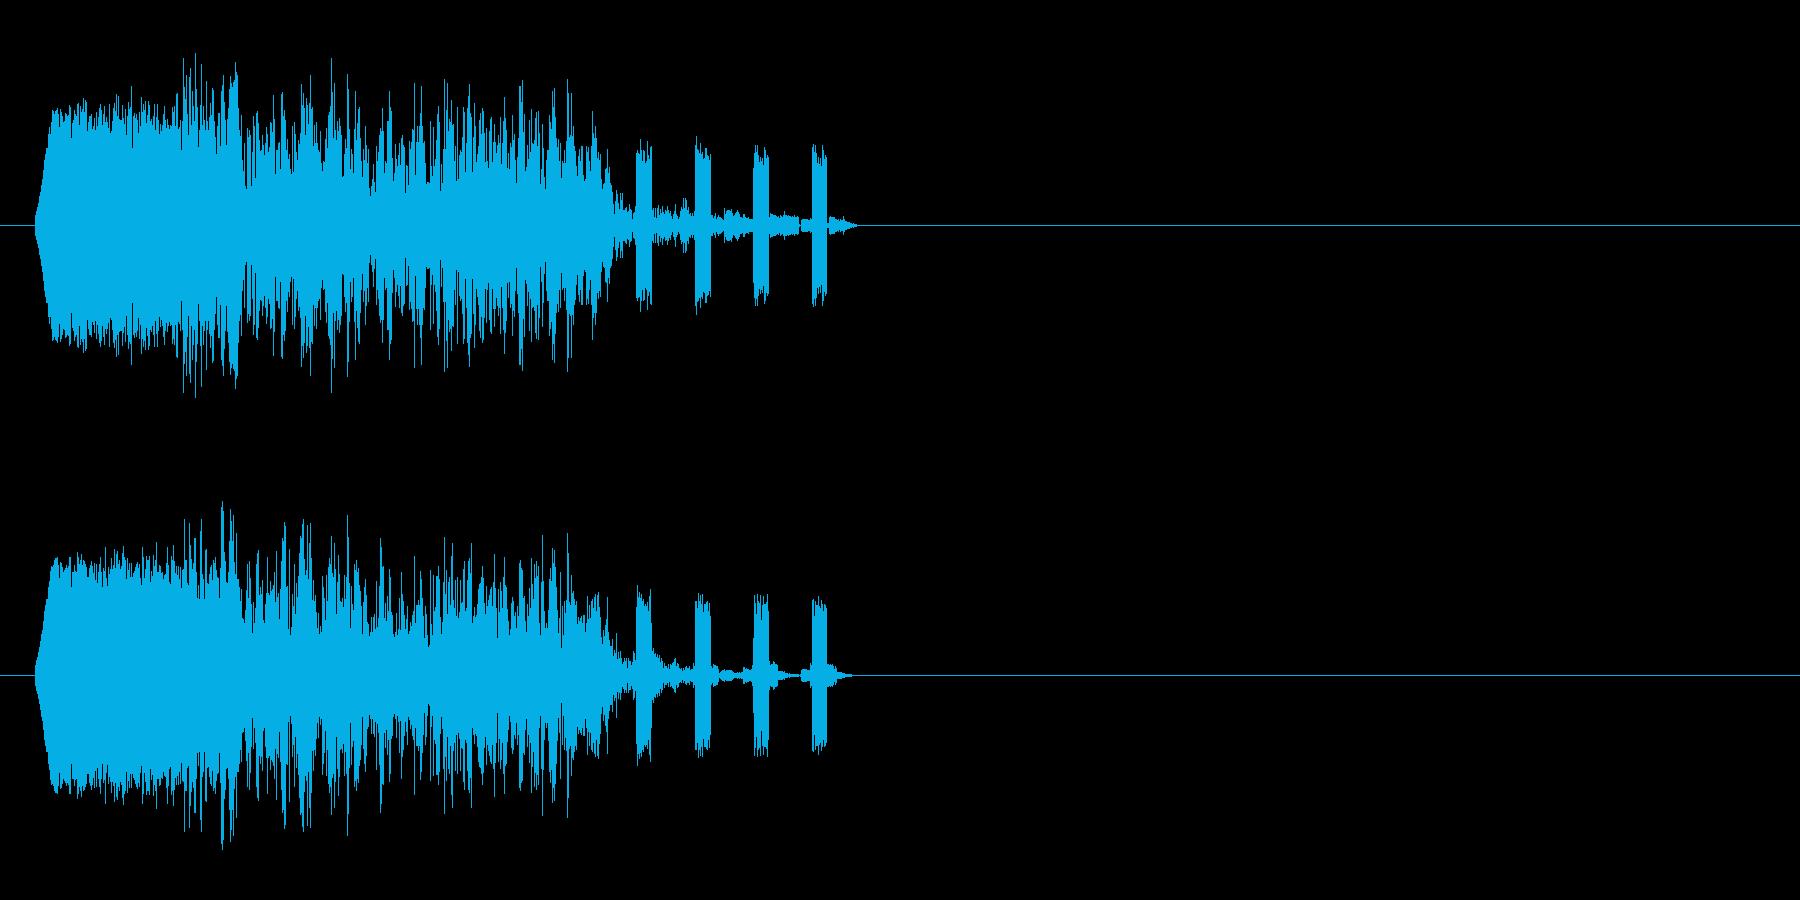 クイック粉砕ヒットの再生済みの波形